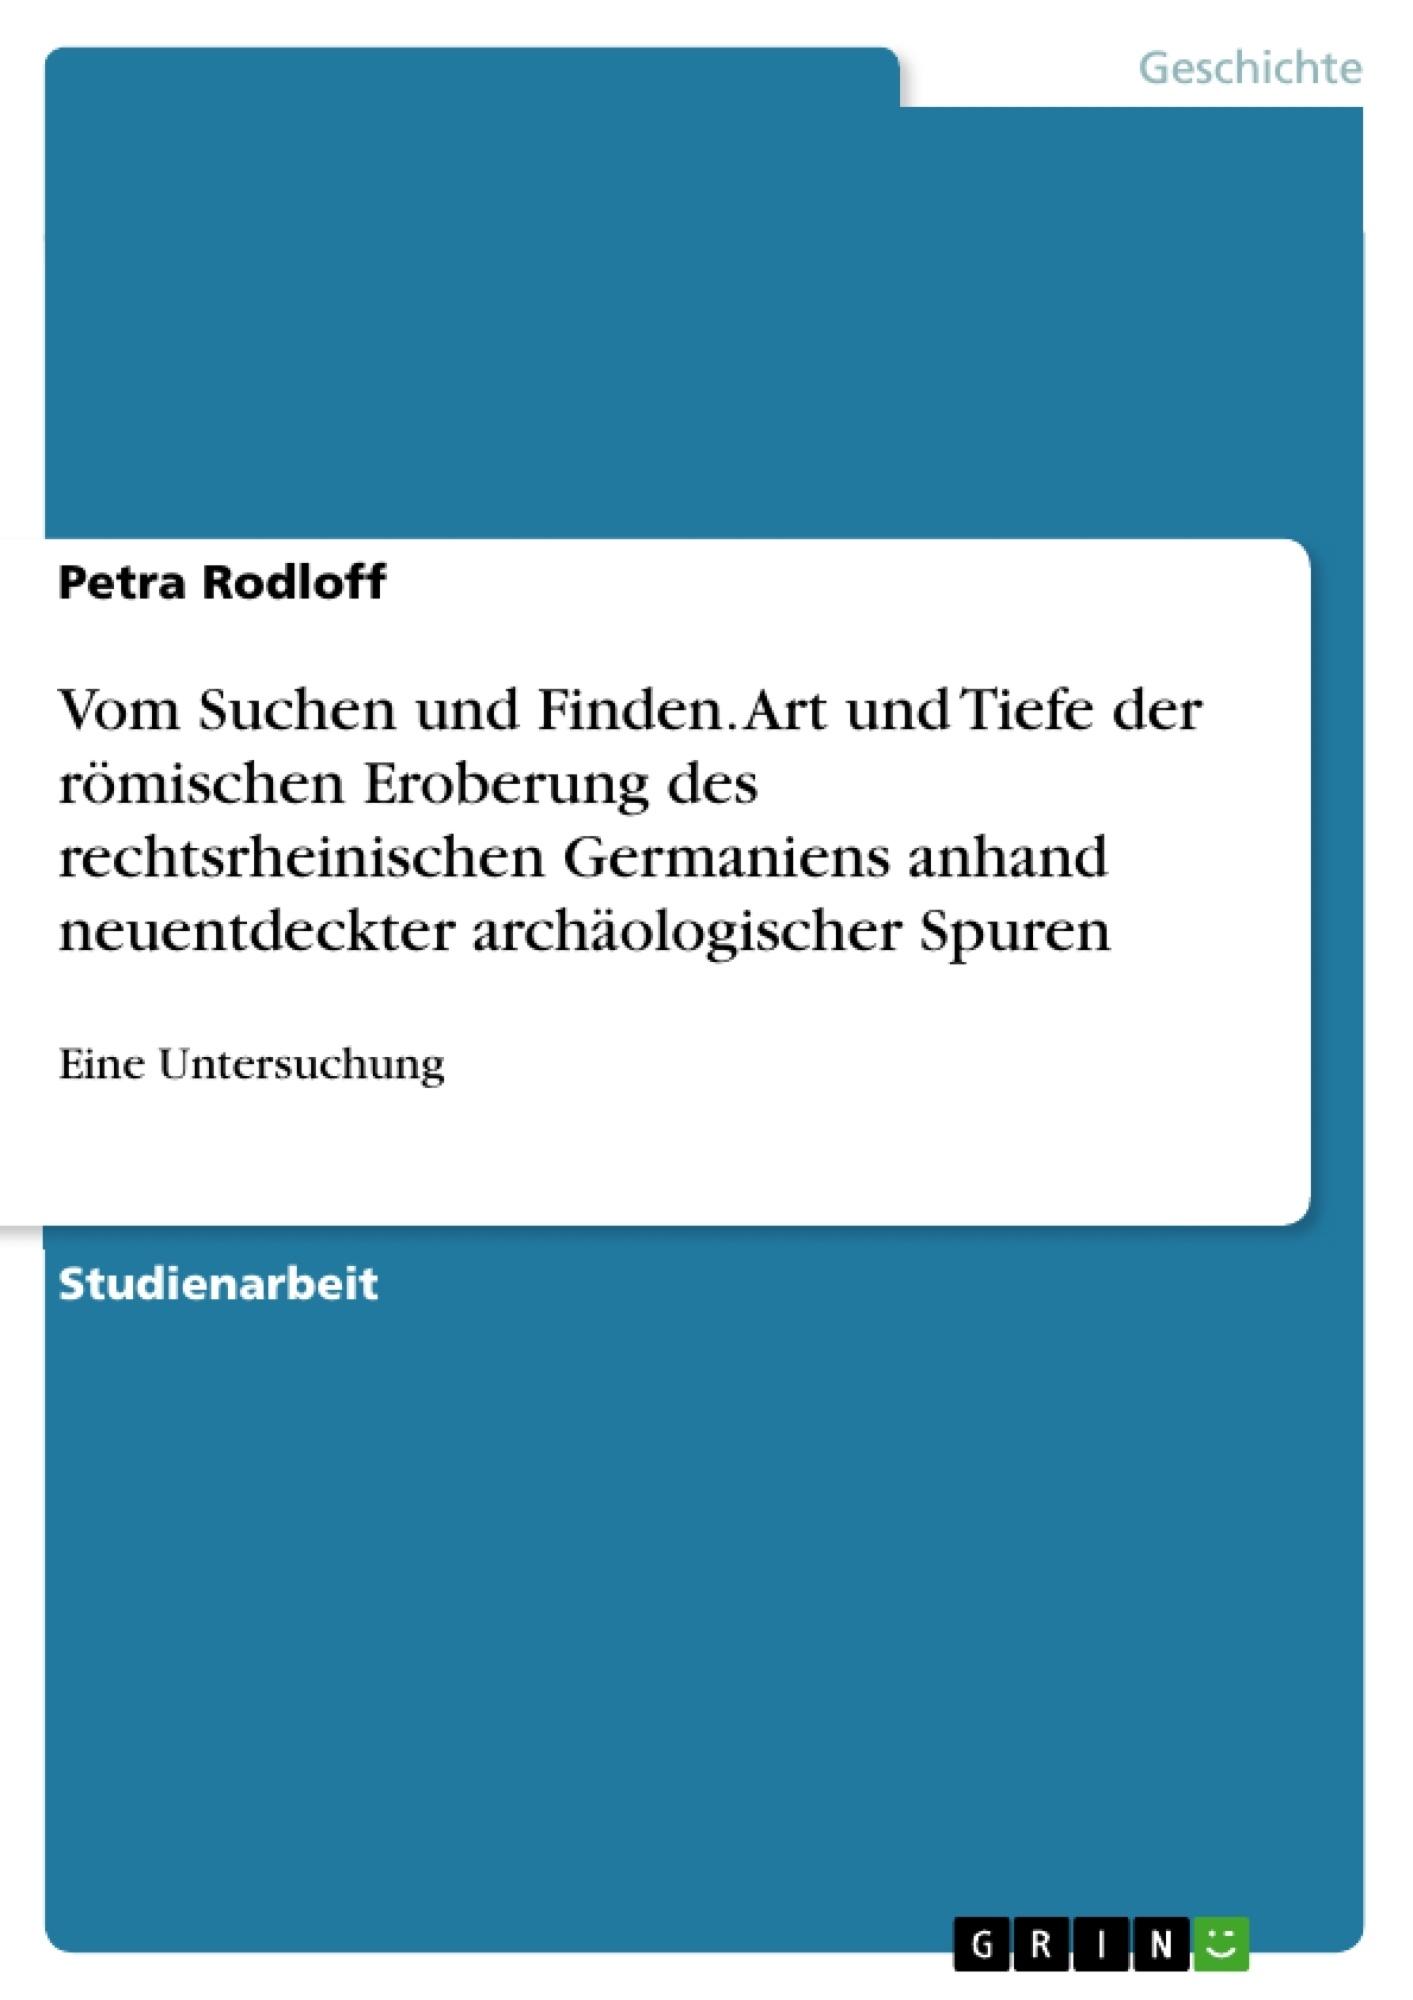 Titel: Vom Suchen und Finden. Art und Tiefe der römischen Eroberung des rechtsrheinischen Germaniens anhand neuentdeckter archäologischer Spuren